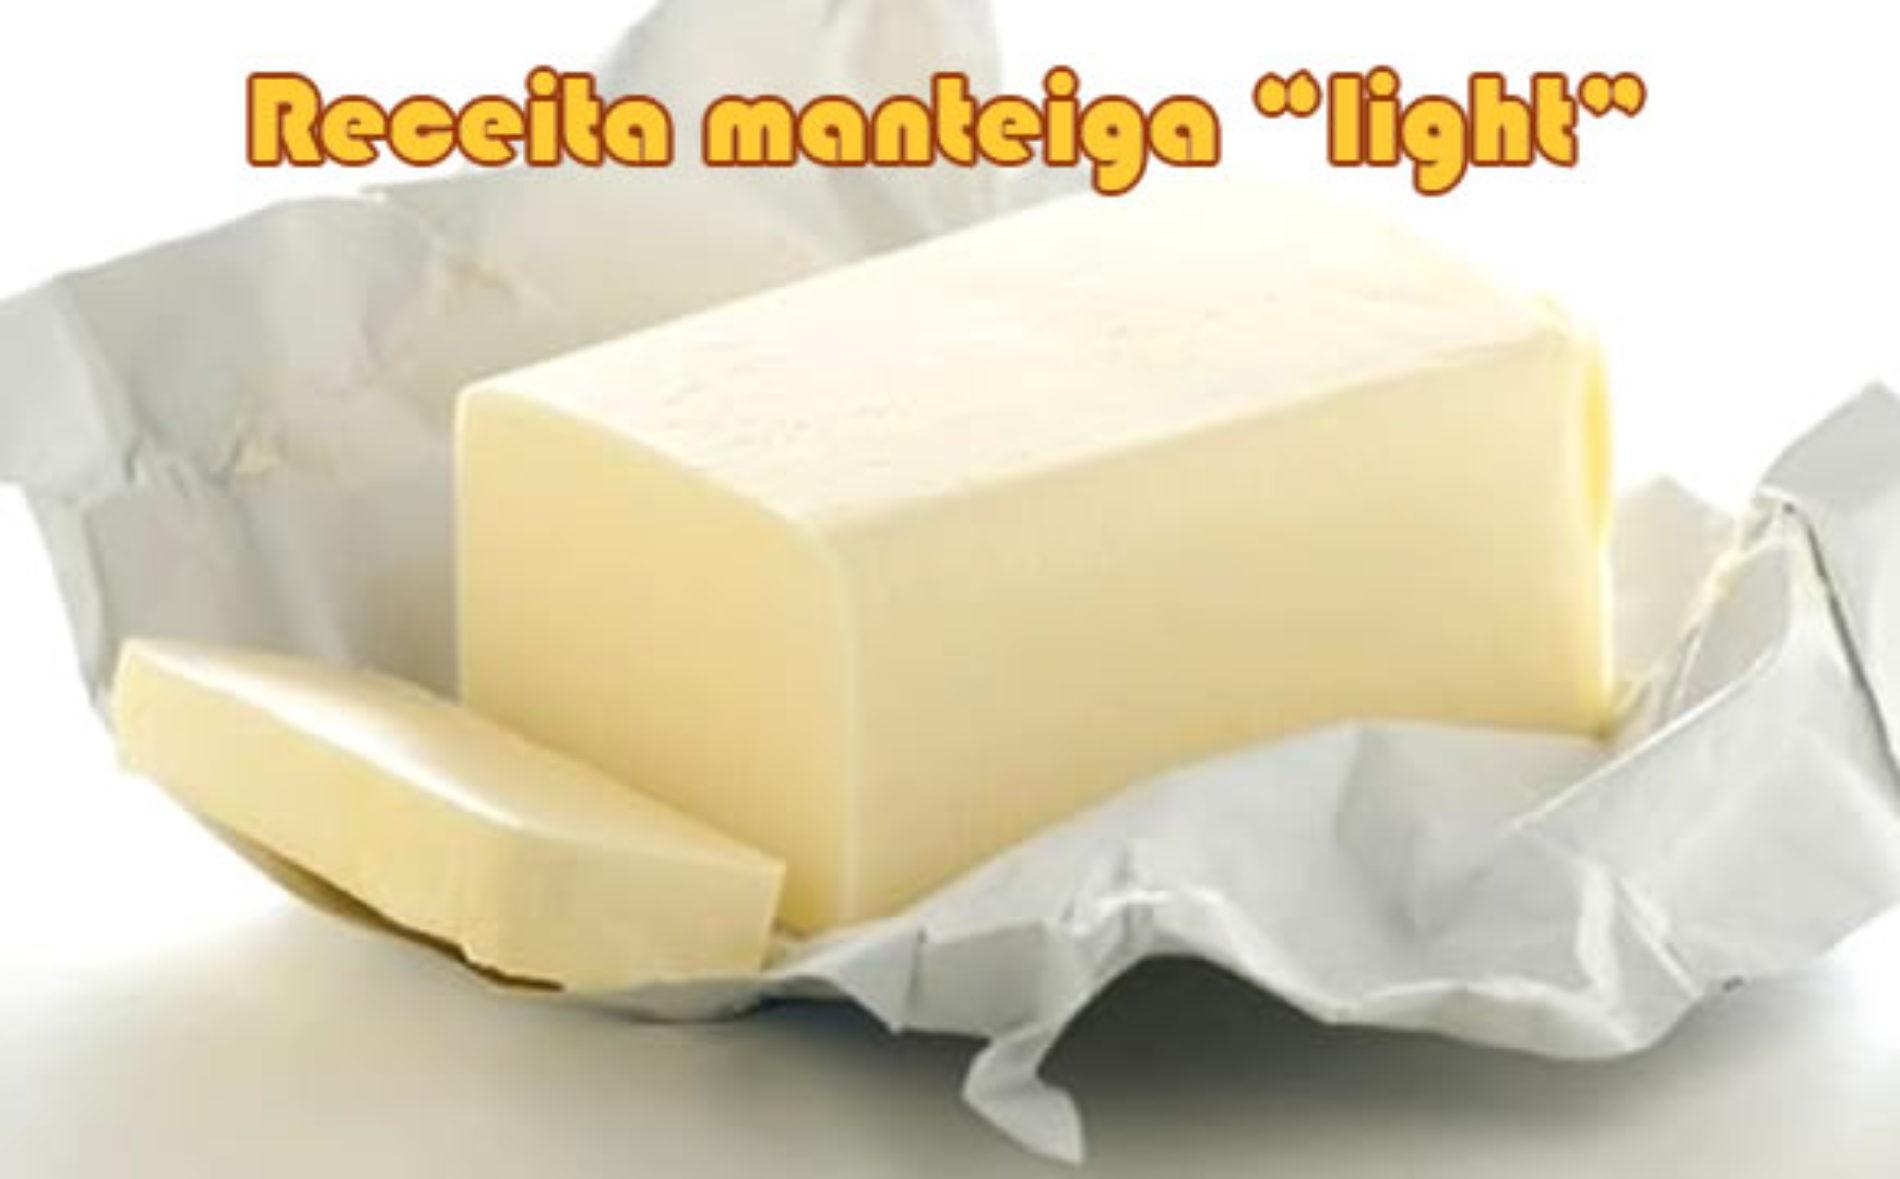 Manteiga caseira light – Receitas fit